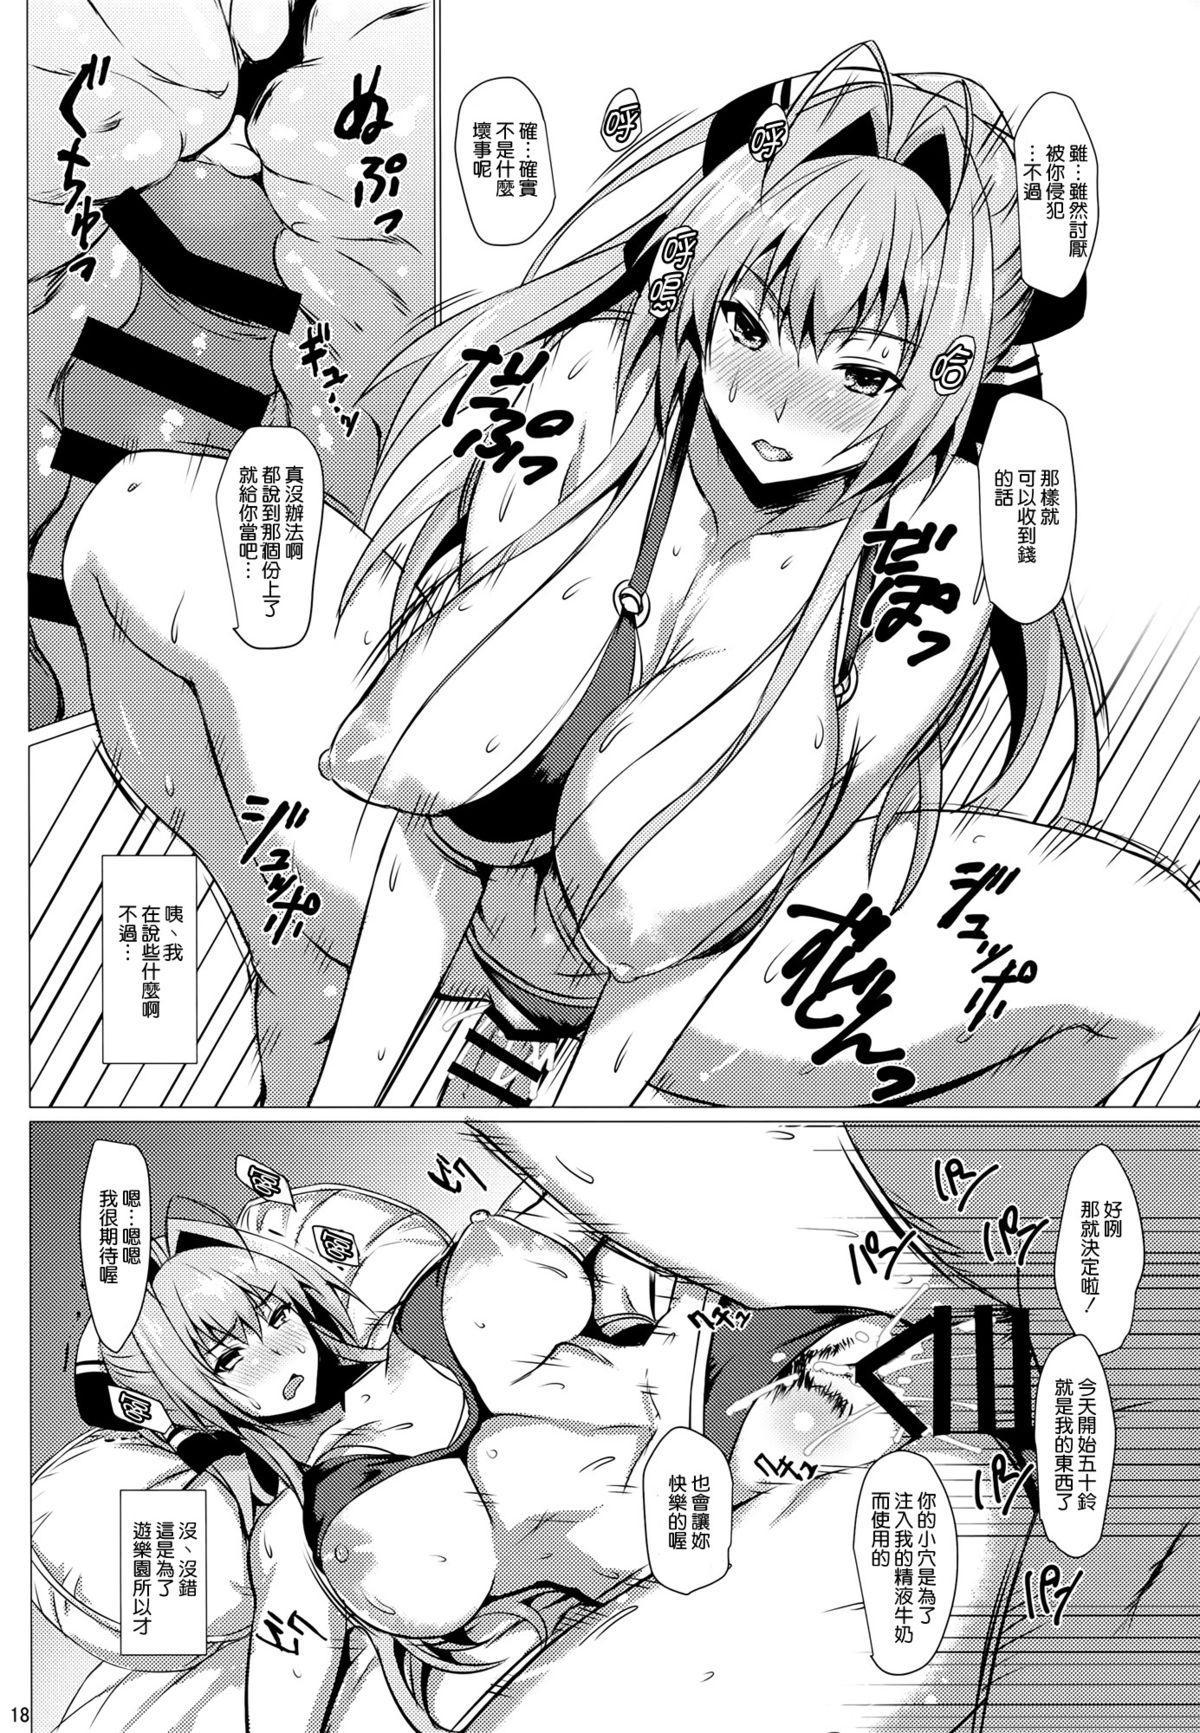 Hisho ga Tsukaeru! 17